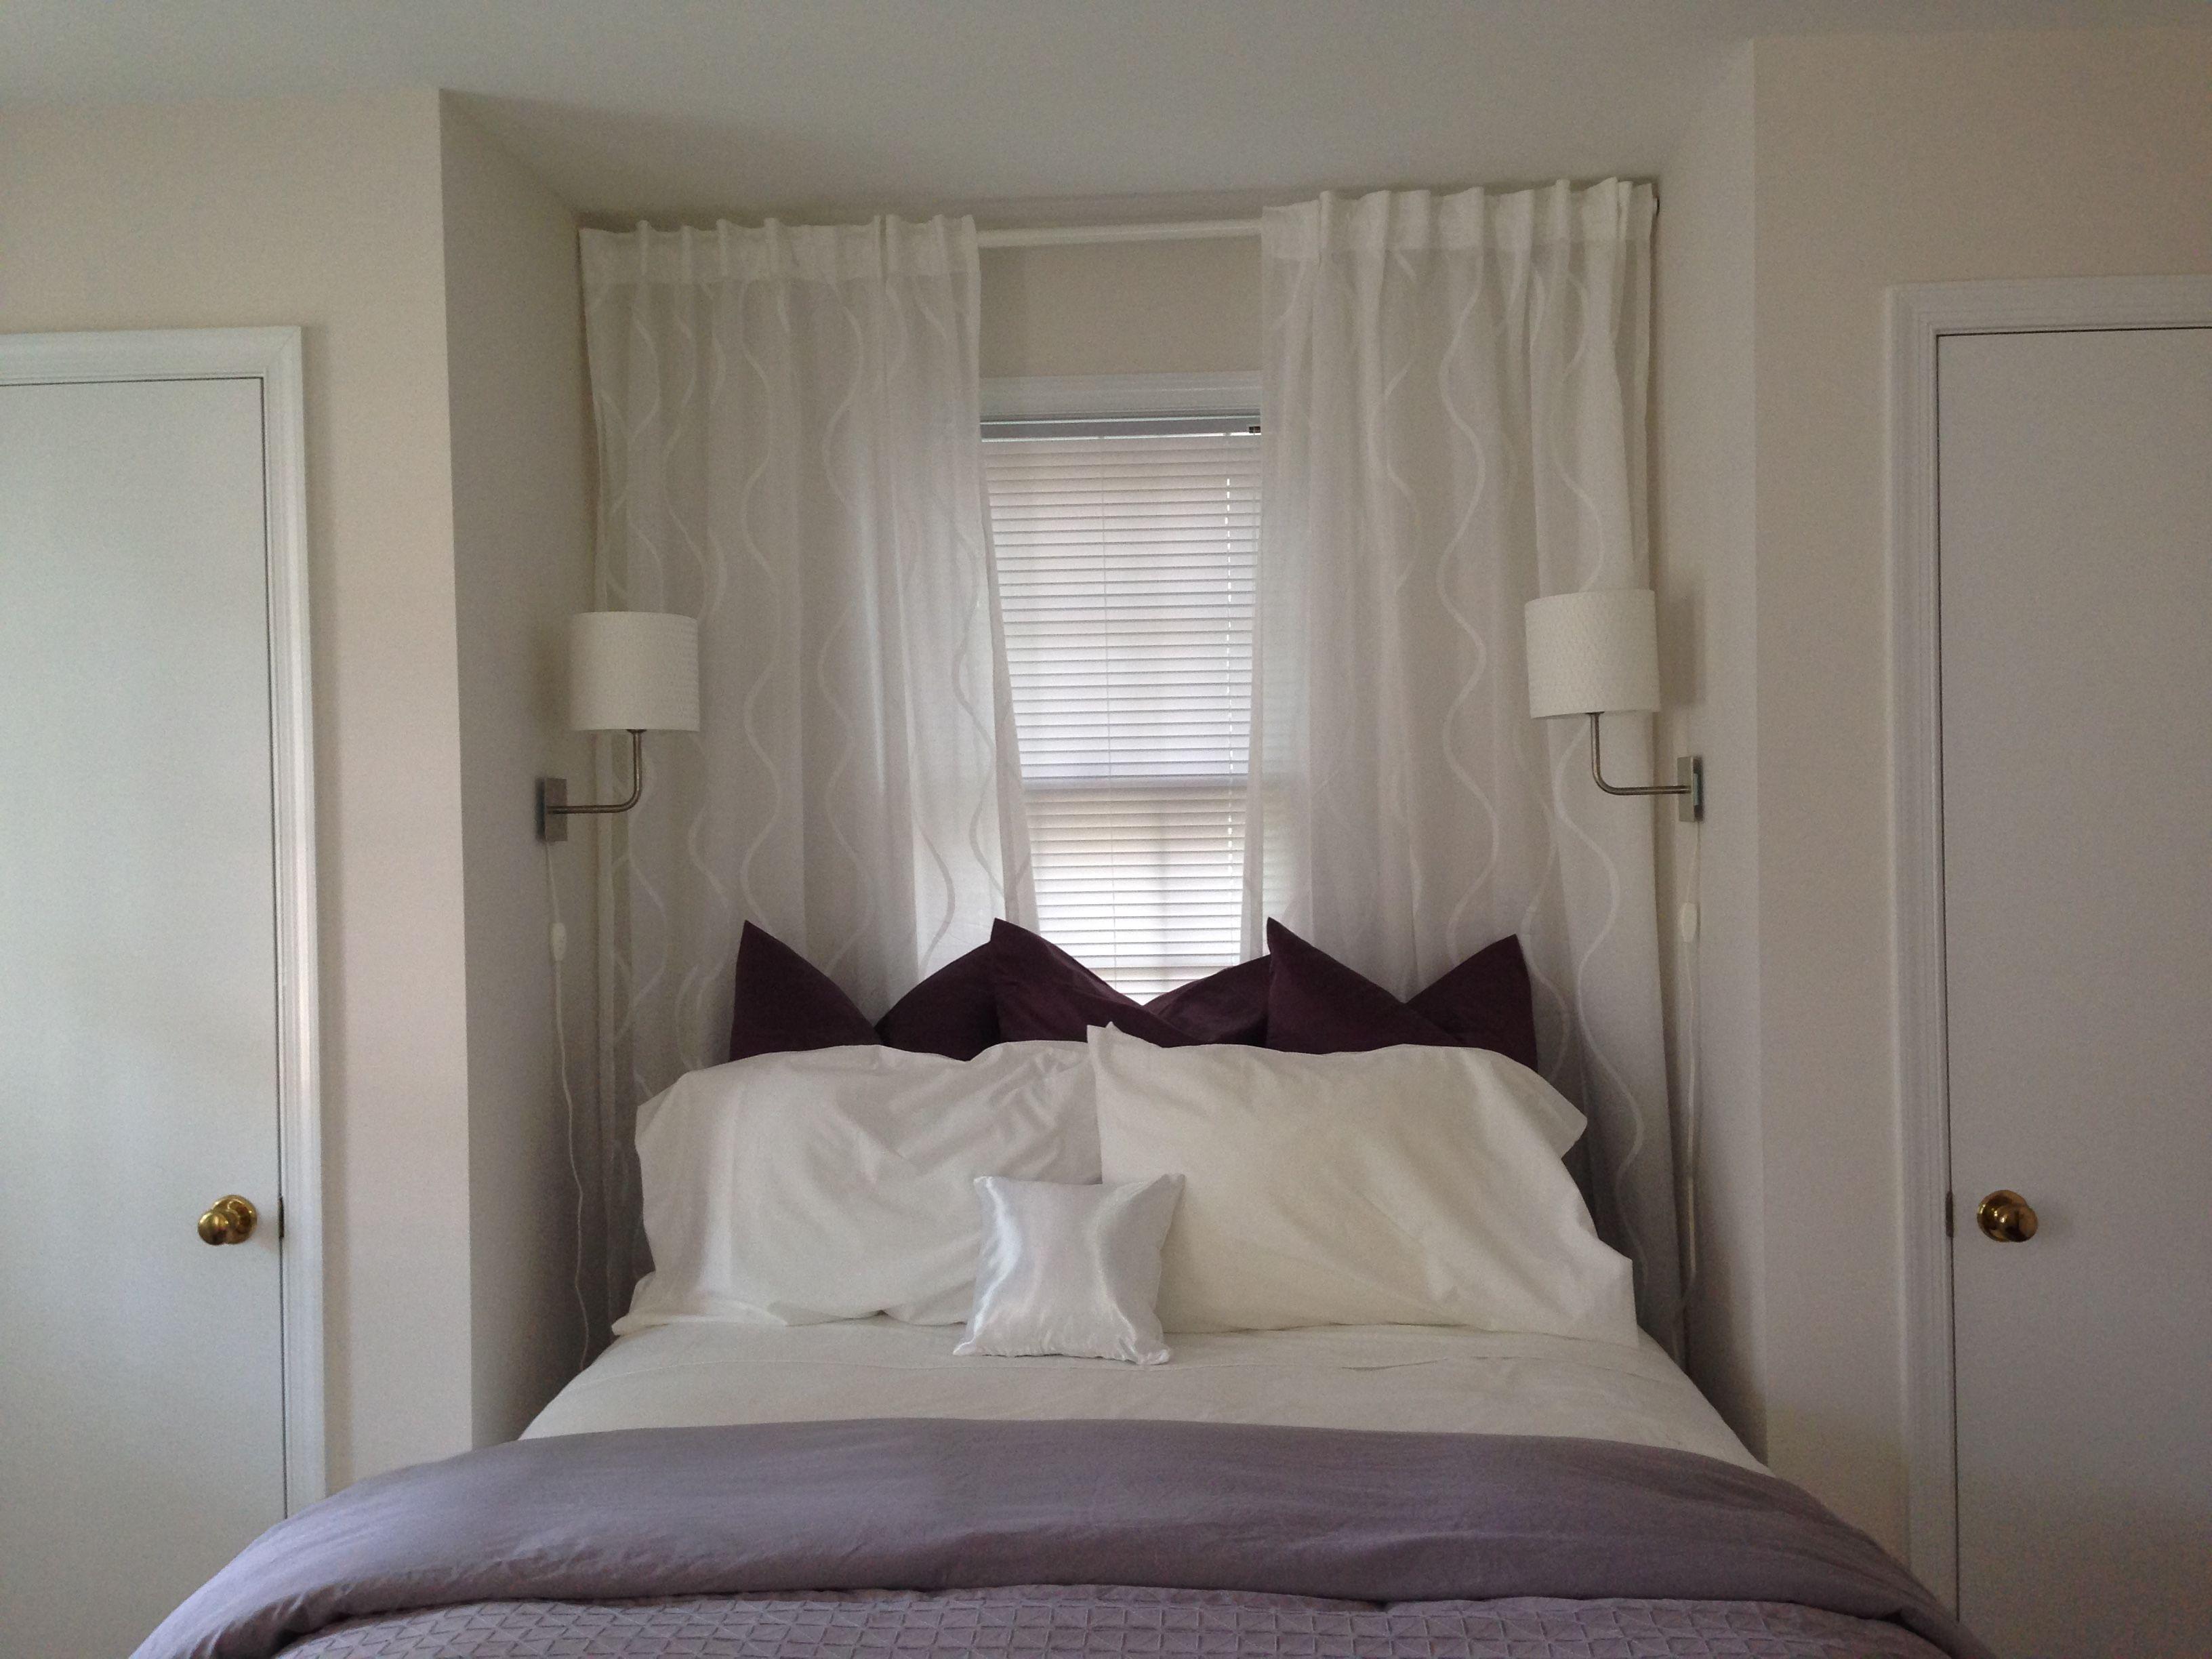 Bedroom With Benjamin Moore Cloudy Gray 2107 70 In Sunlight